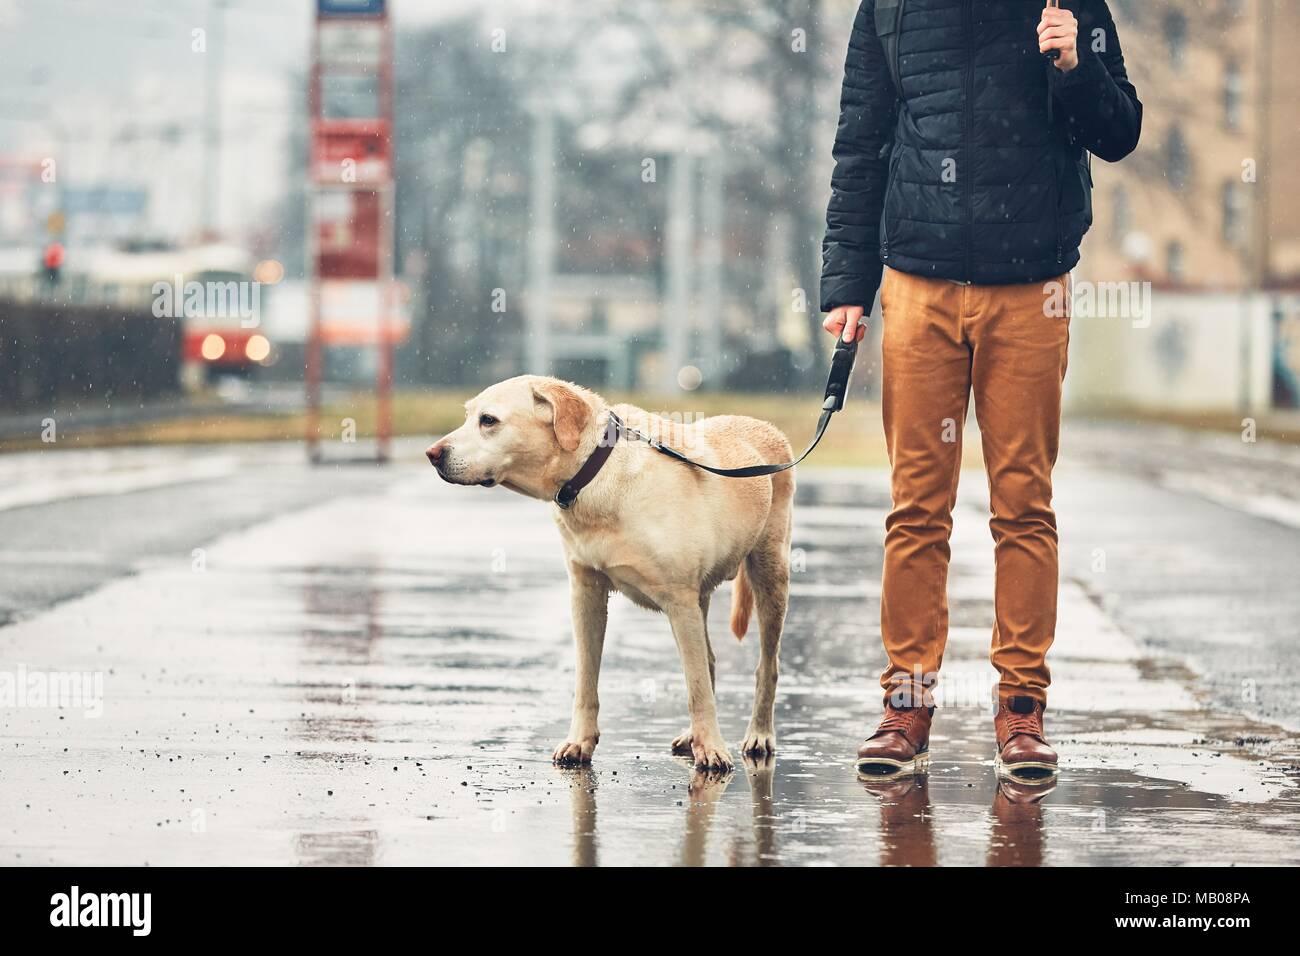 Düstere Wetter in der Stadt. Mann mit seinem Hund (Labrador Retriever) wandern im Regen auf der Straße. Prag, Tschechische Republik. Stockbild